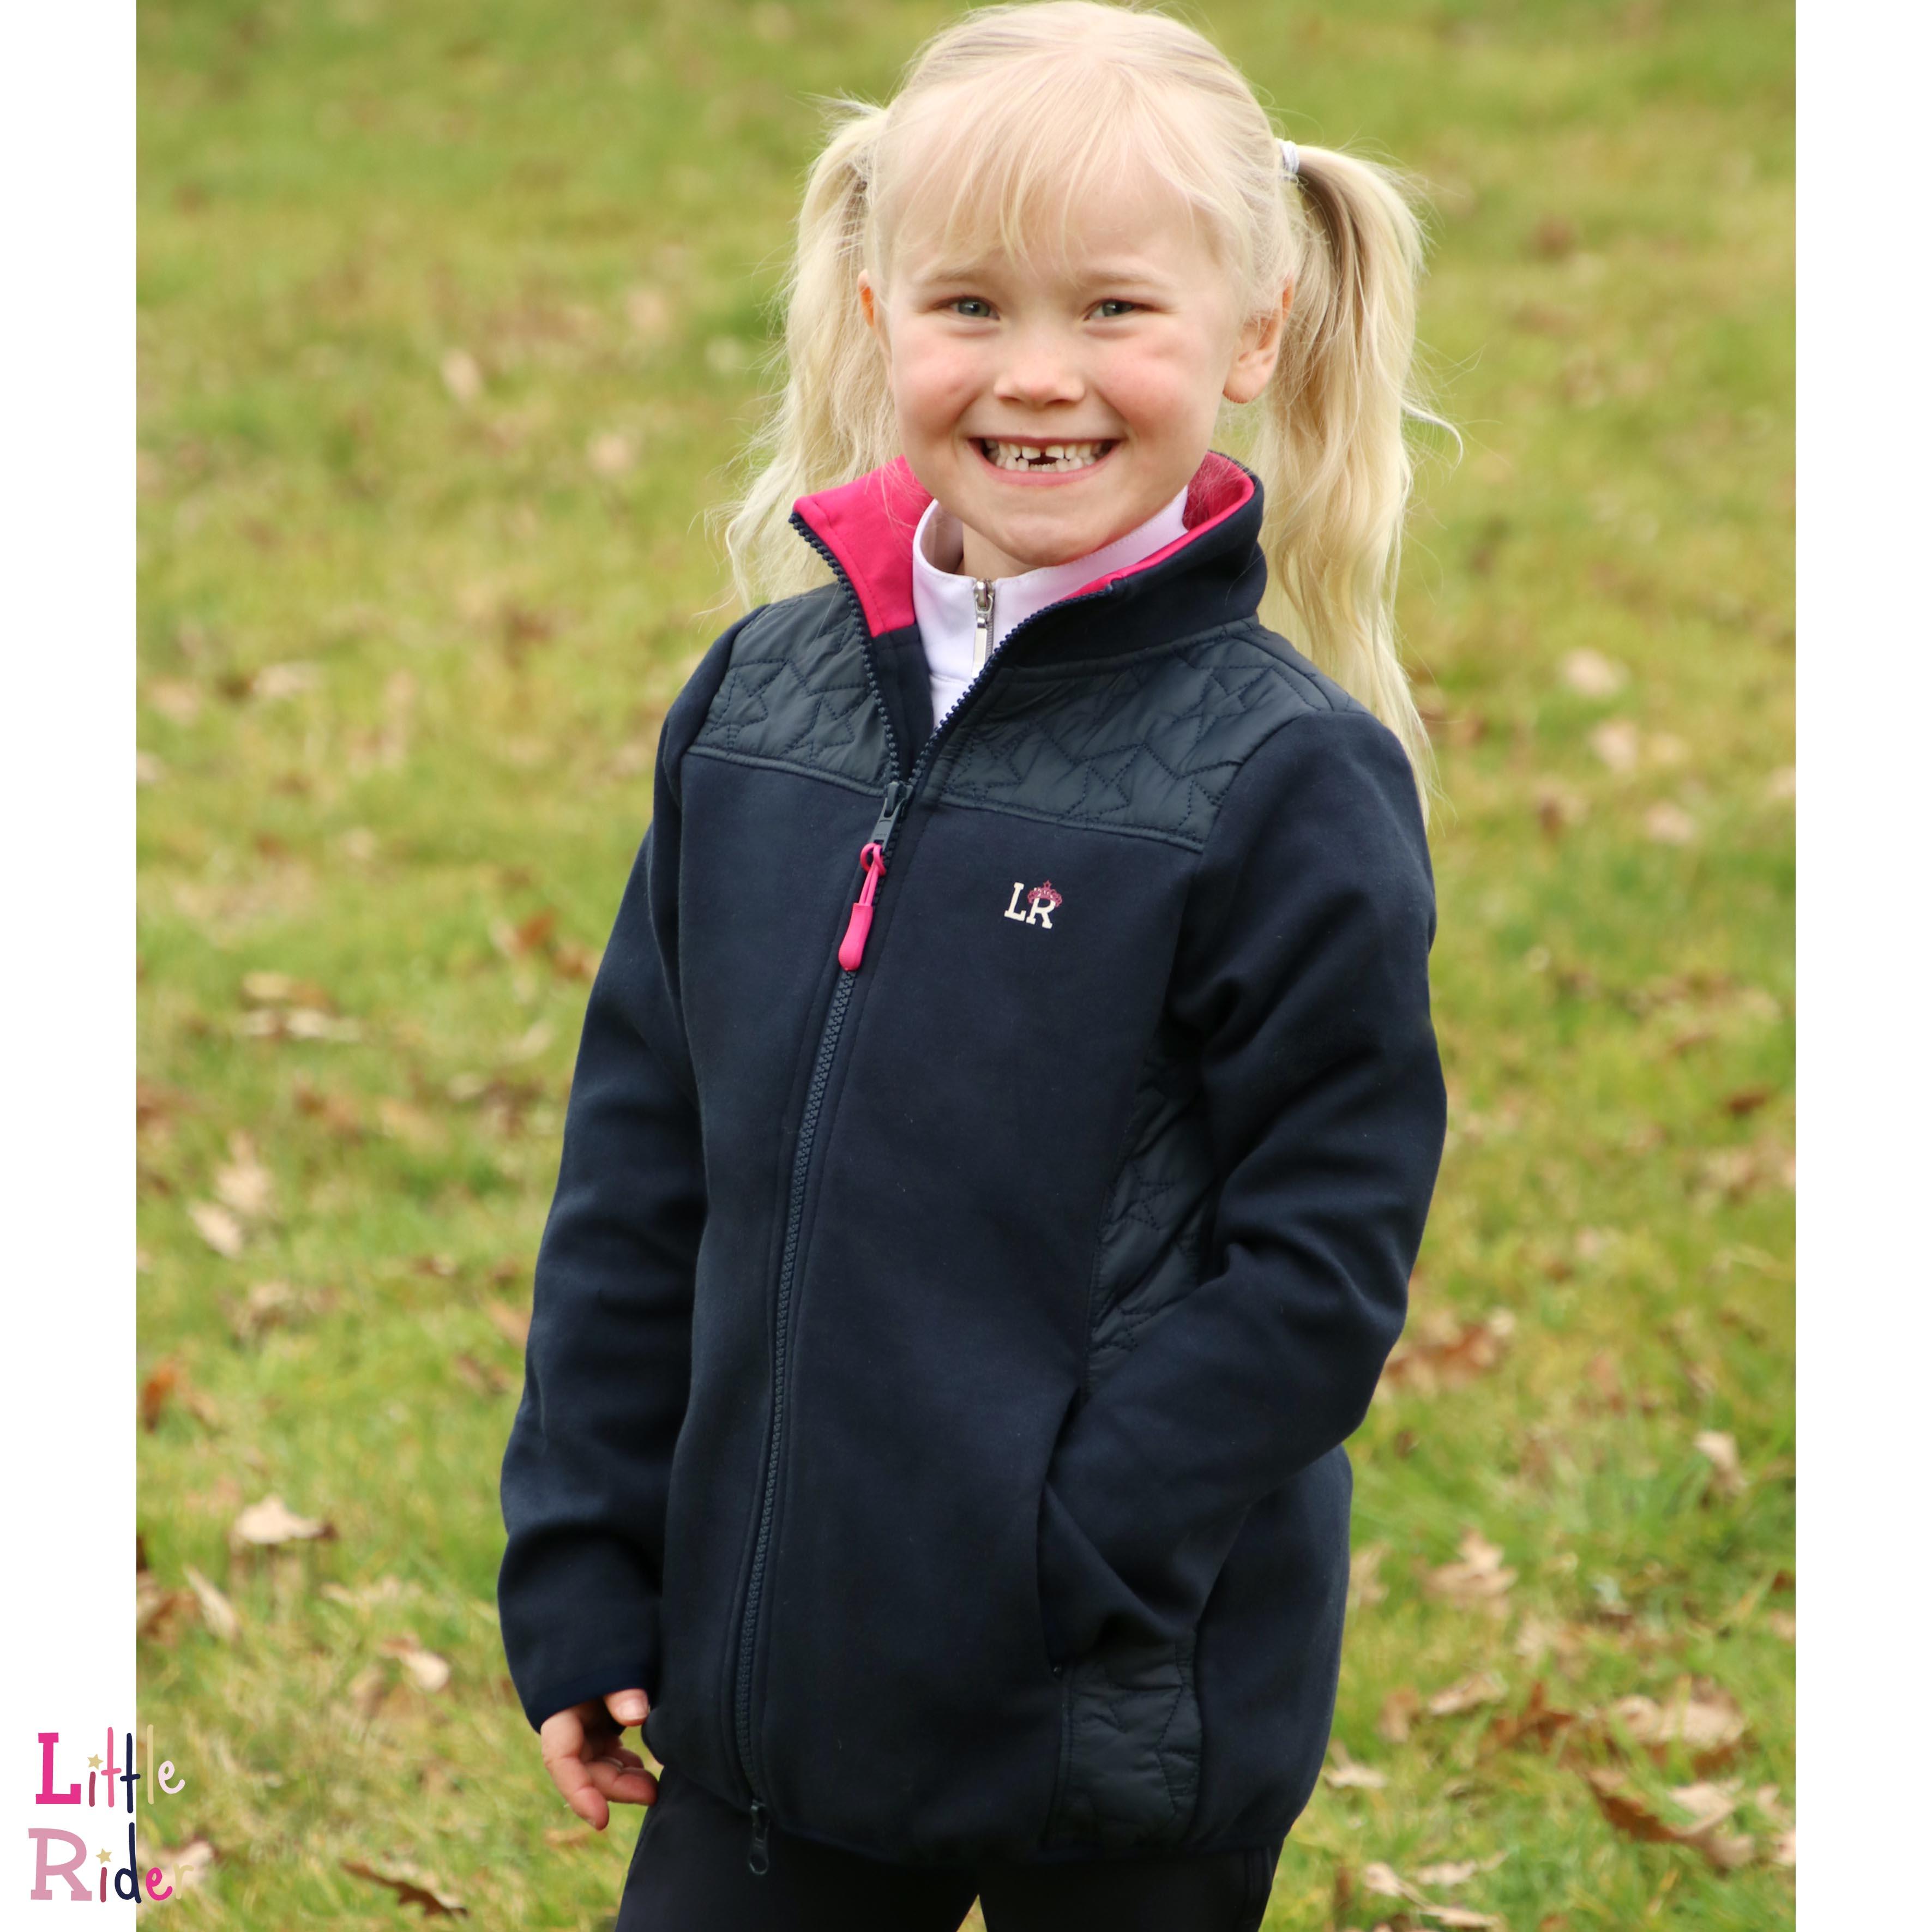 Sophia Jacket by Little Rider